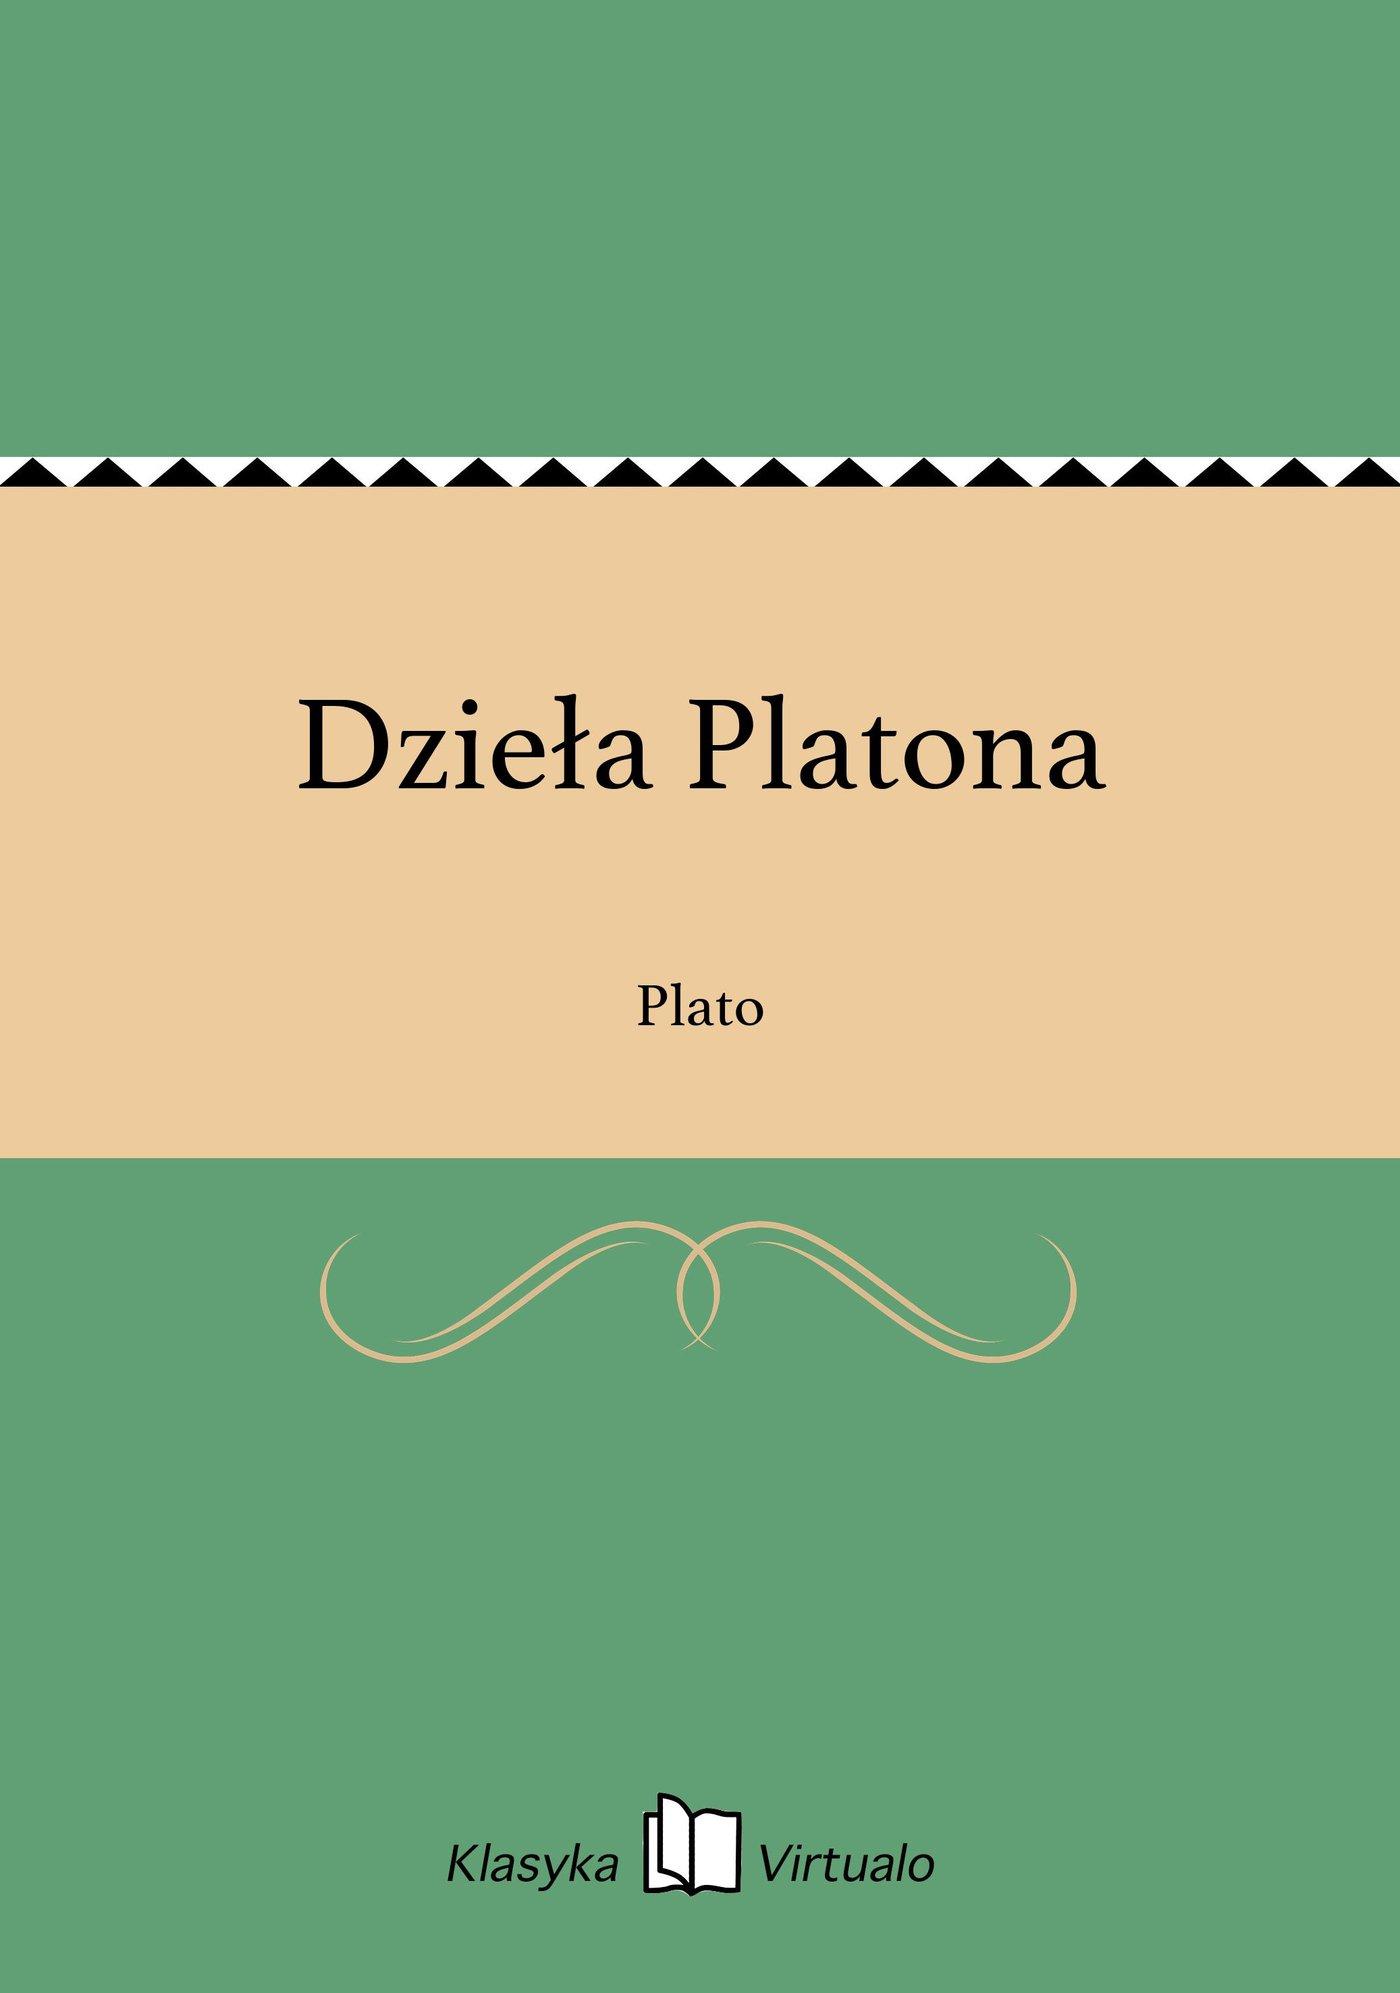 Dzieła Platona - Ebook (Książka EPUB) do pobrania w formacie EPUB